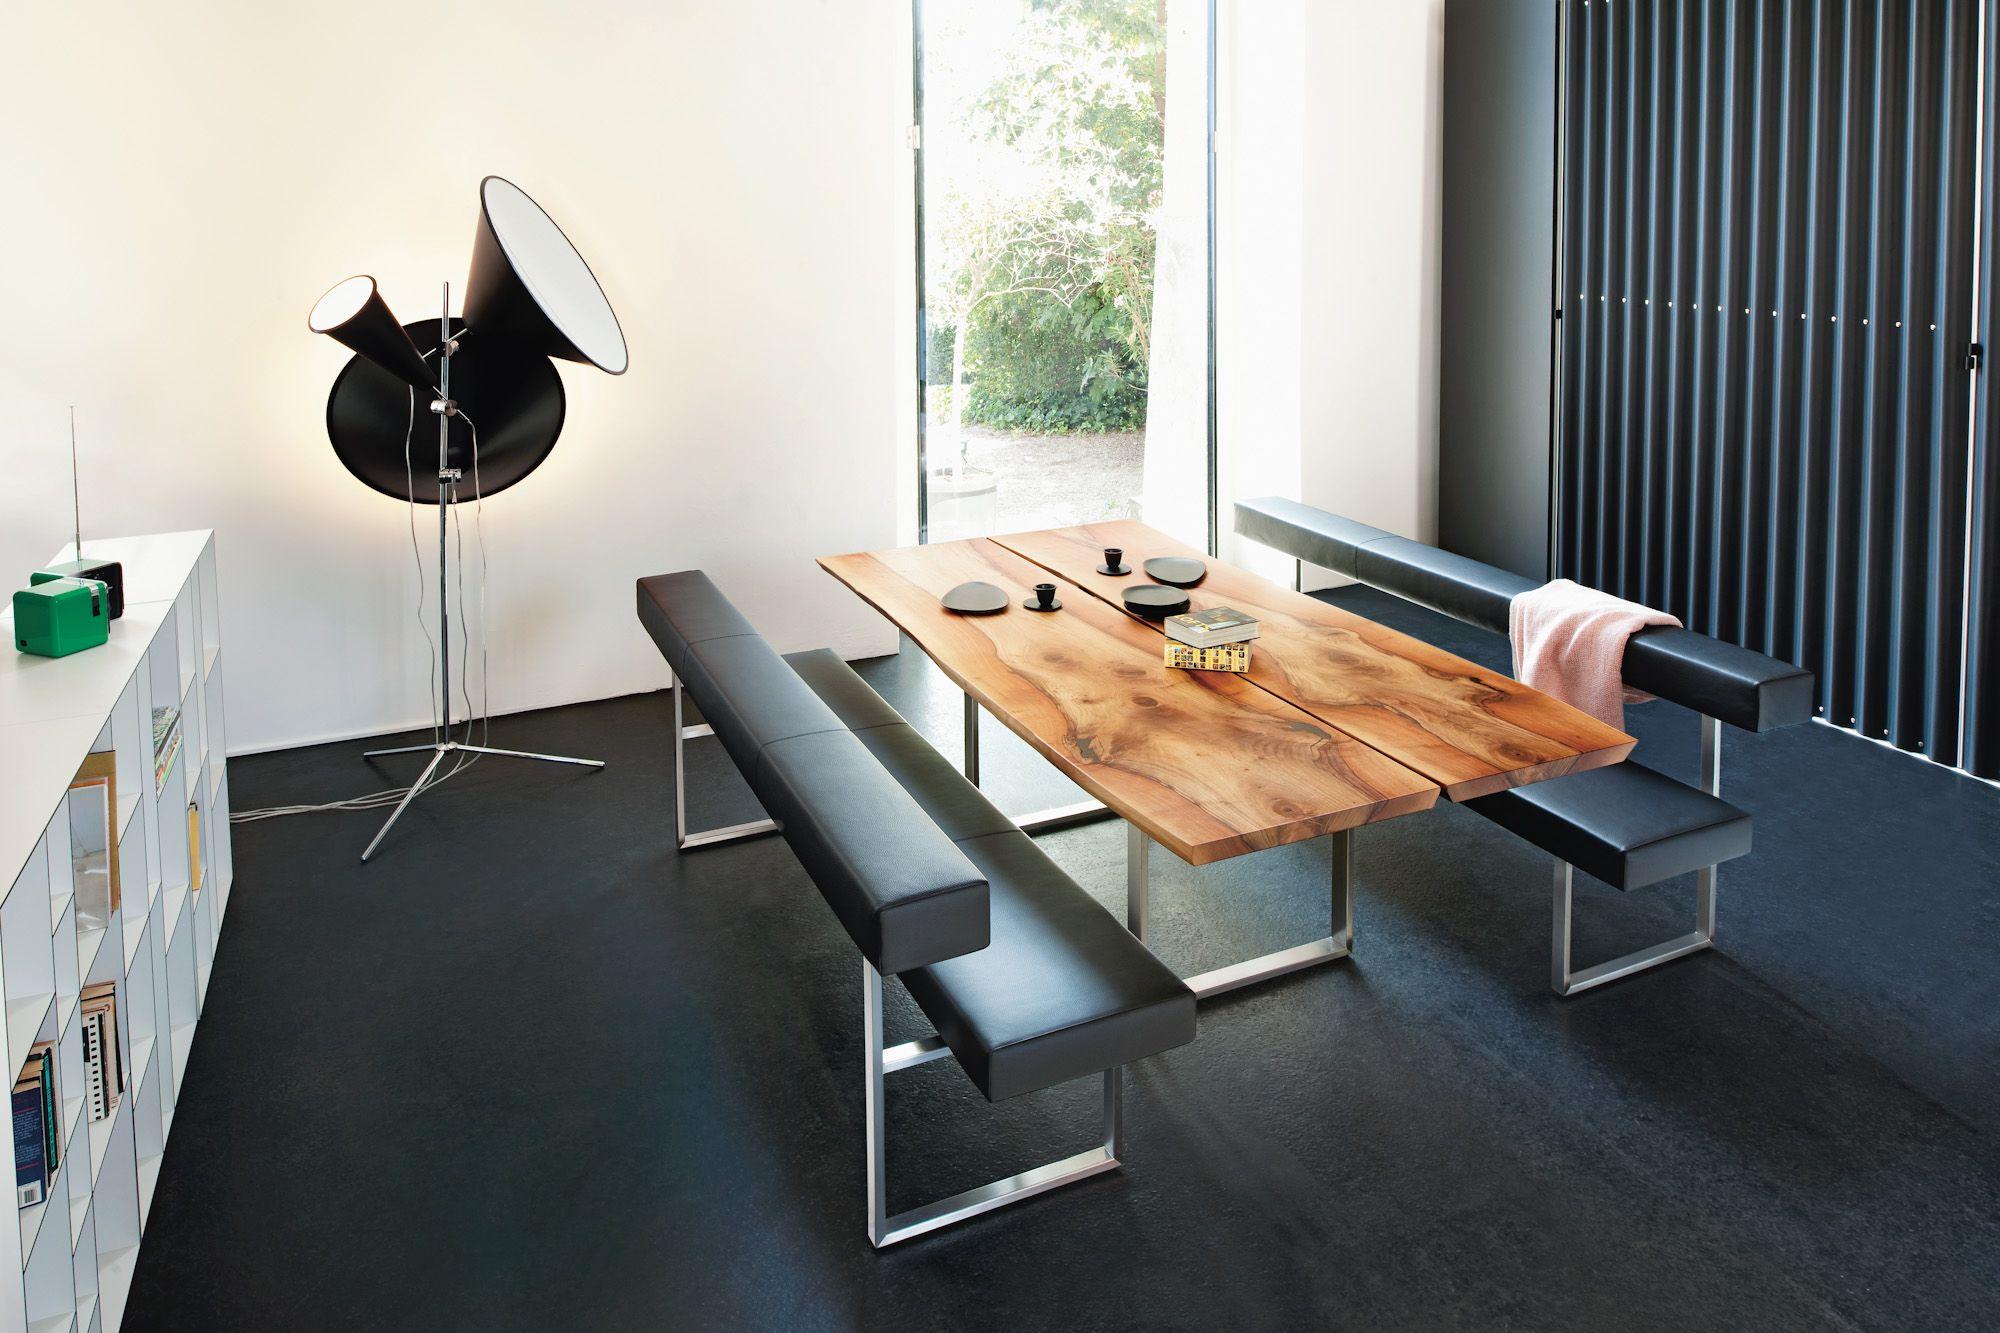 Holztisch modern  Esstisch | Holz | europäischer Nussbaum | echte Baumkante | Bank ...